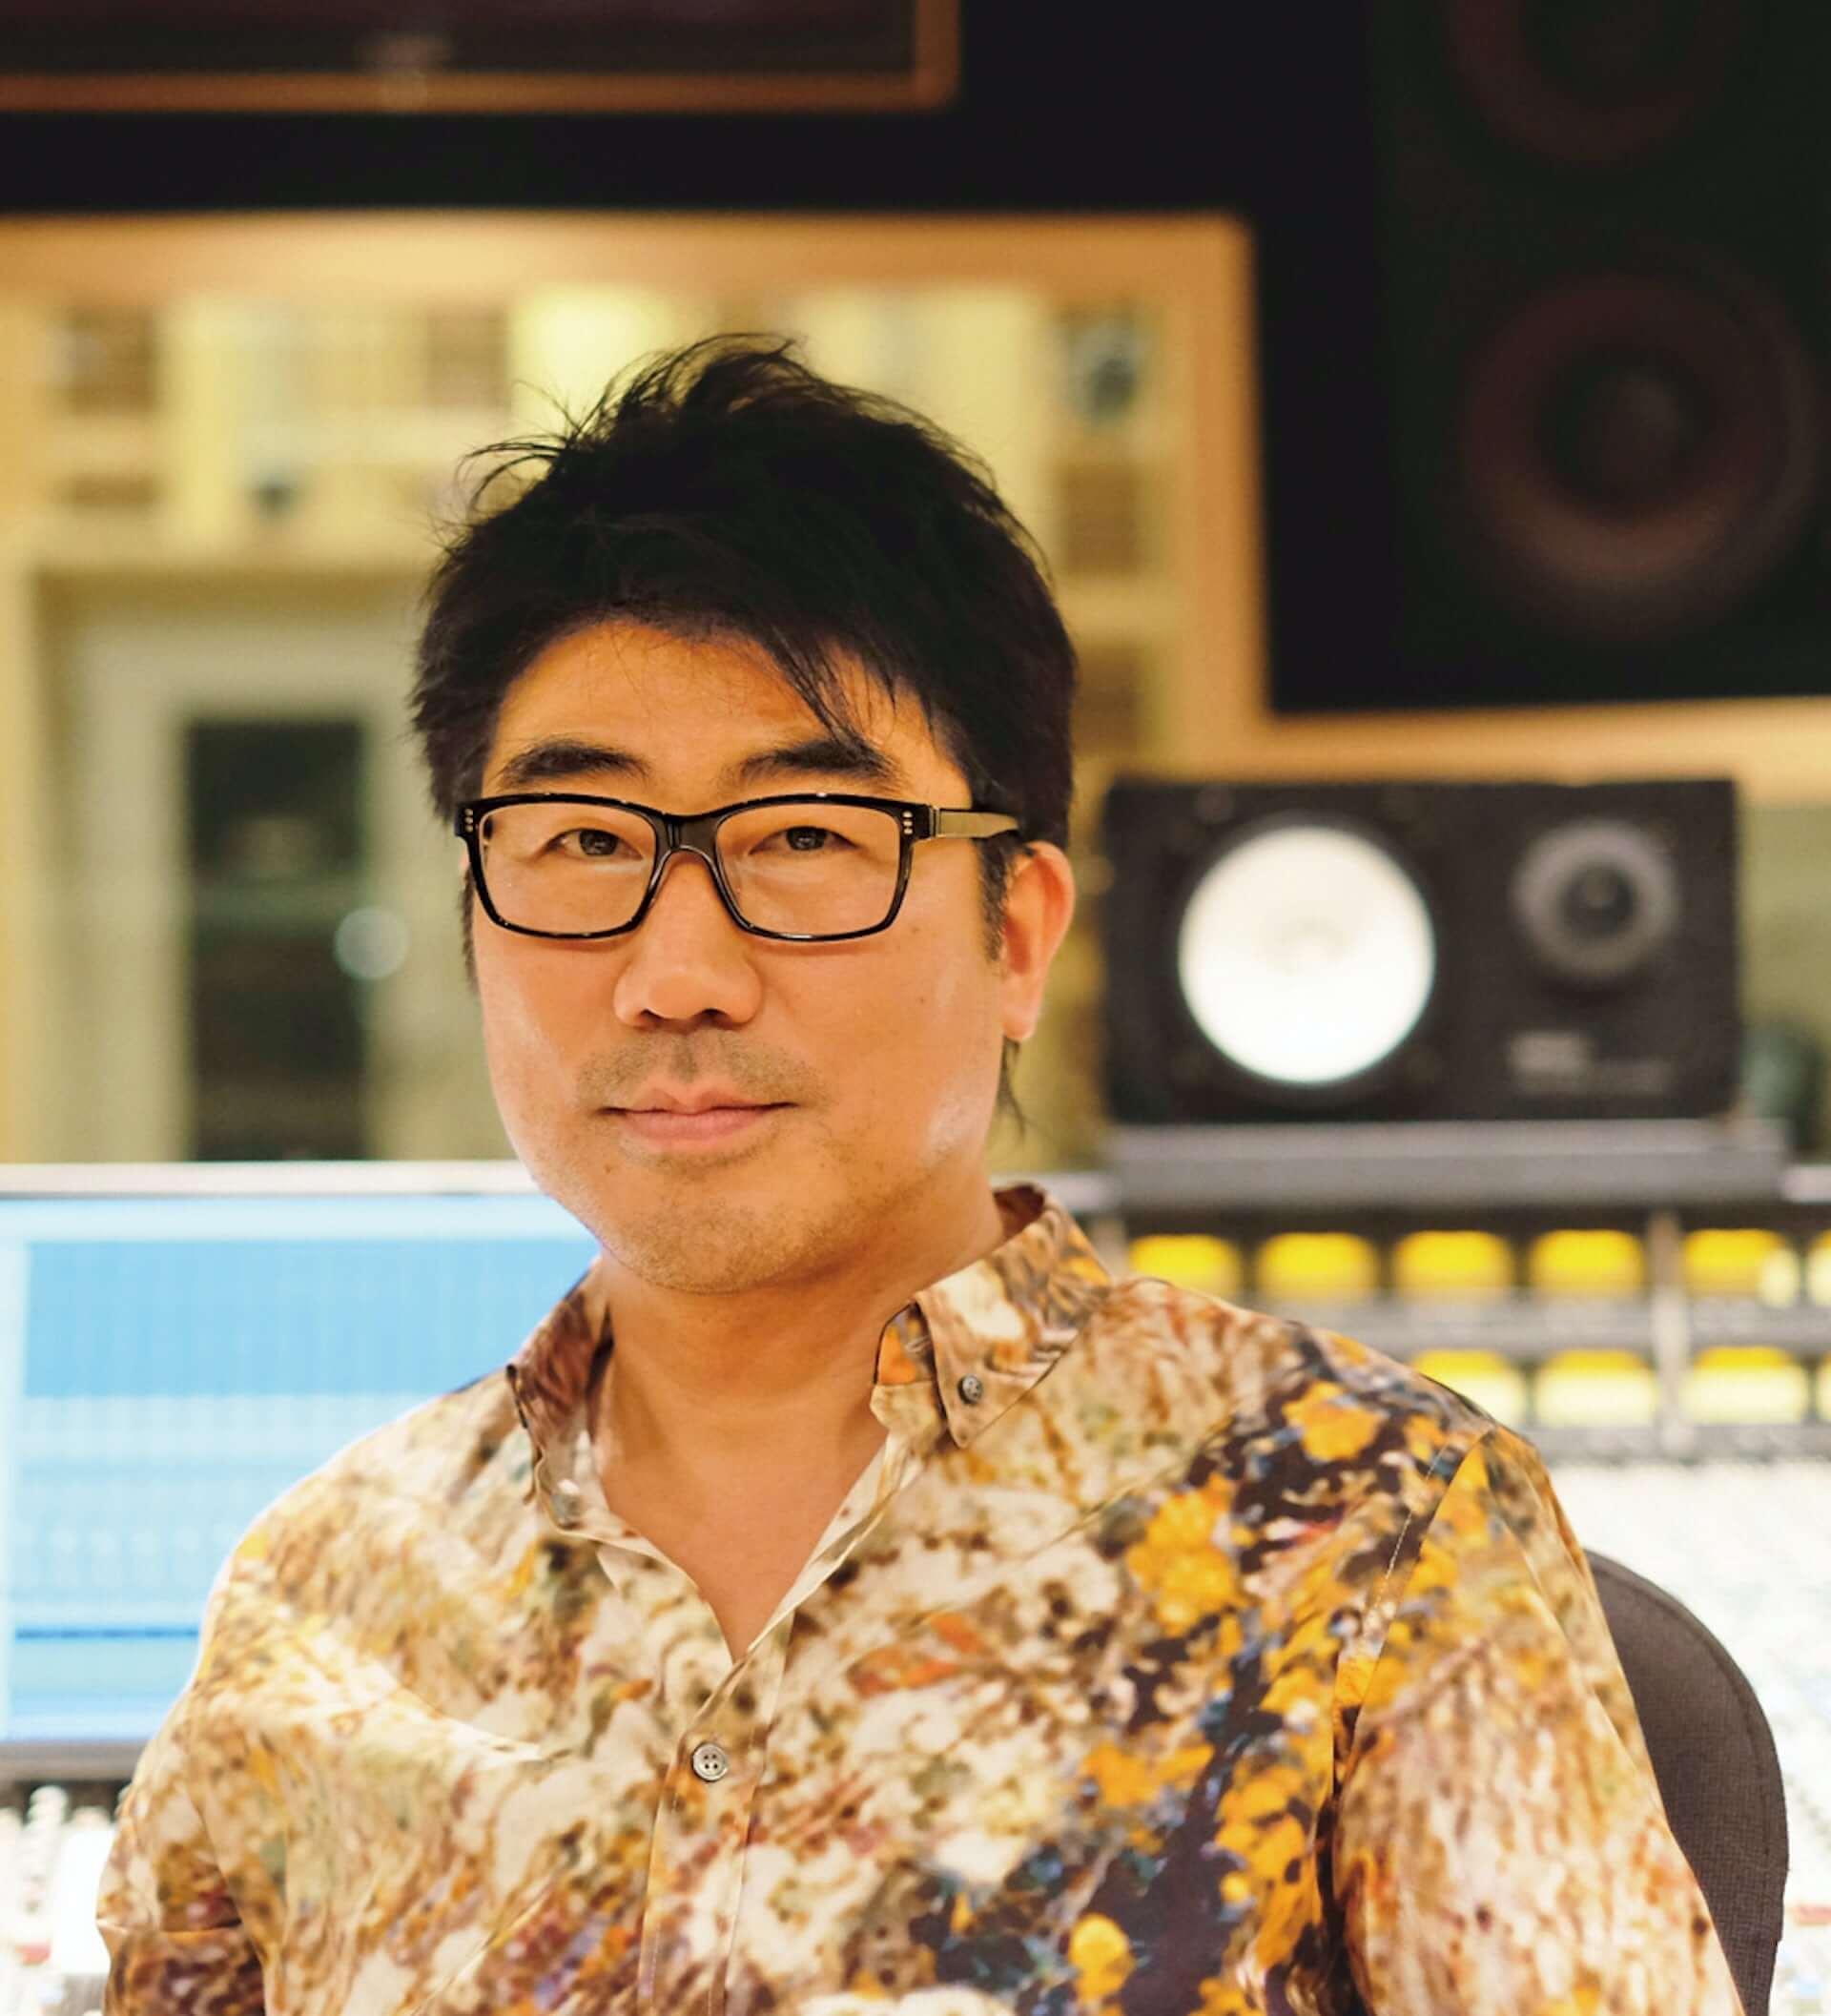 世界40カ国で展開されている音楽イベント<Climate Live>が日本で開催決定!KOM_I、Little Glee Monster、小林武史、亀田誠治のコメントも到着 music201126_climatelivejapan_10-1920x2114